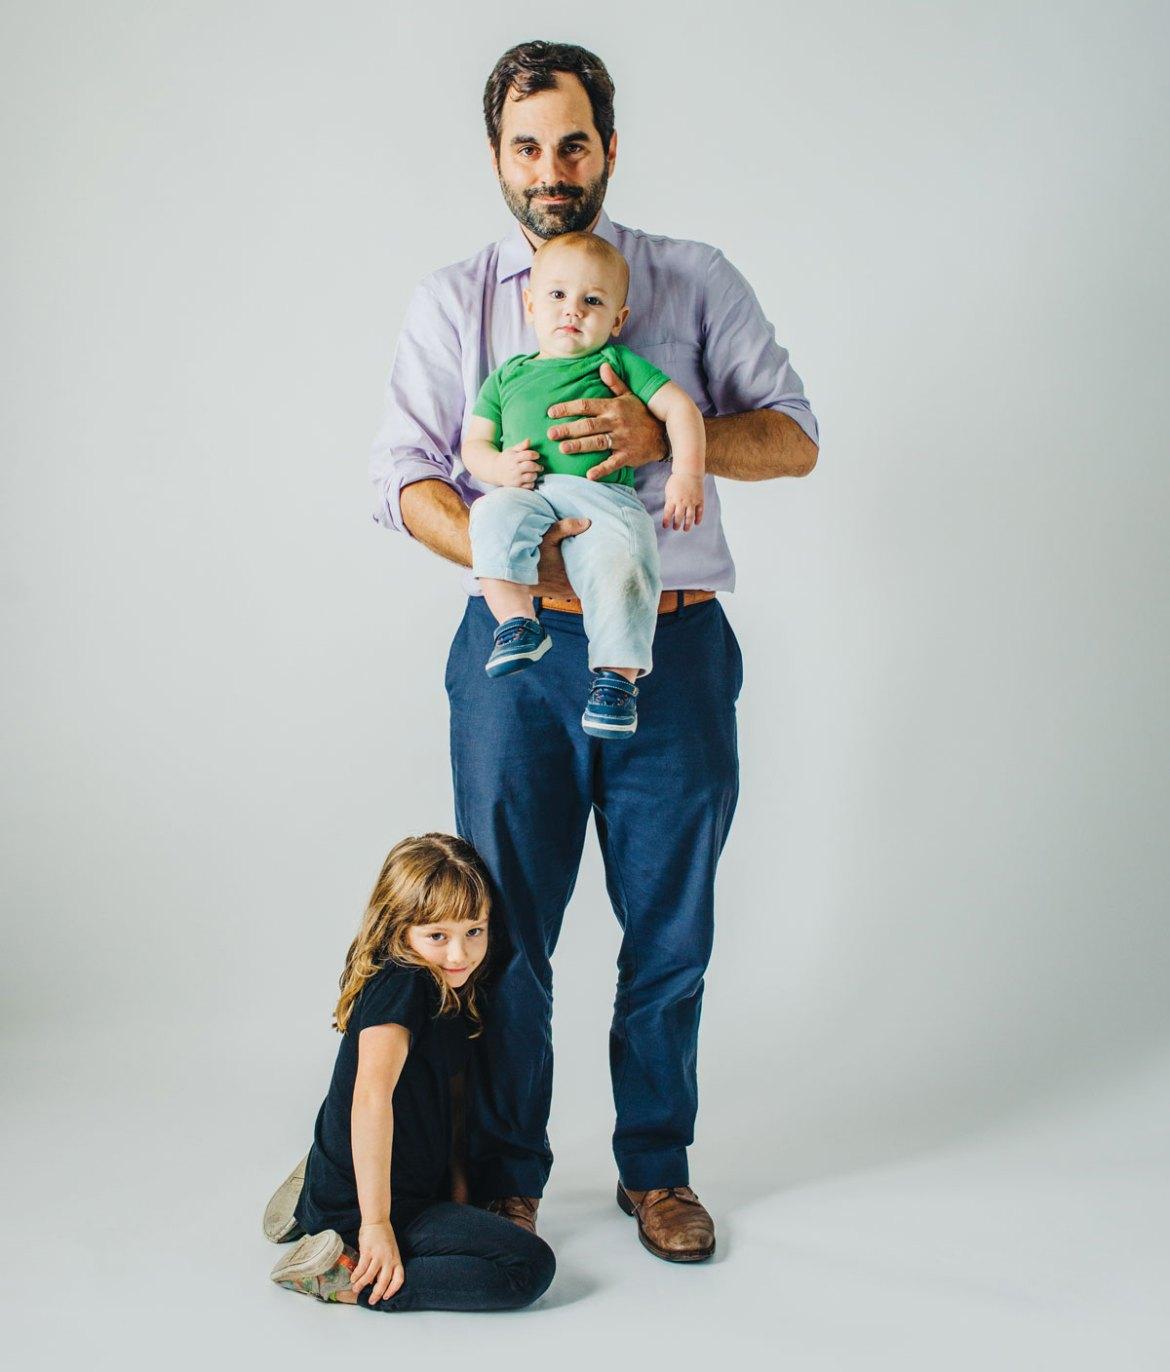 Frank de pie contra un fondo blanco con sus dos hijos, Jonah y Madeline